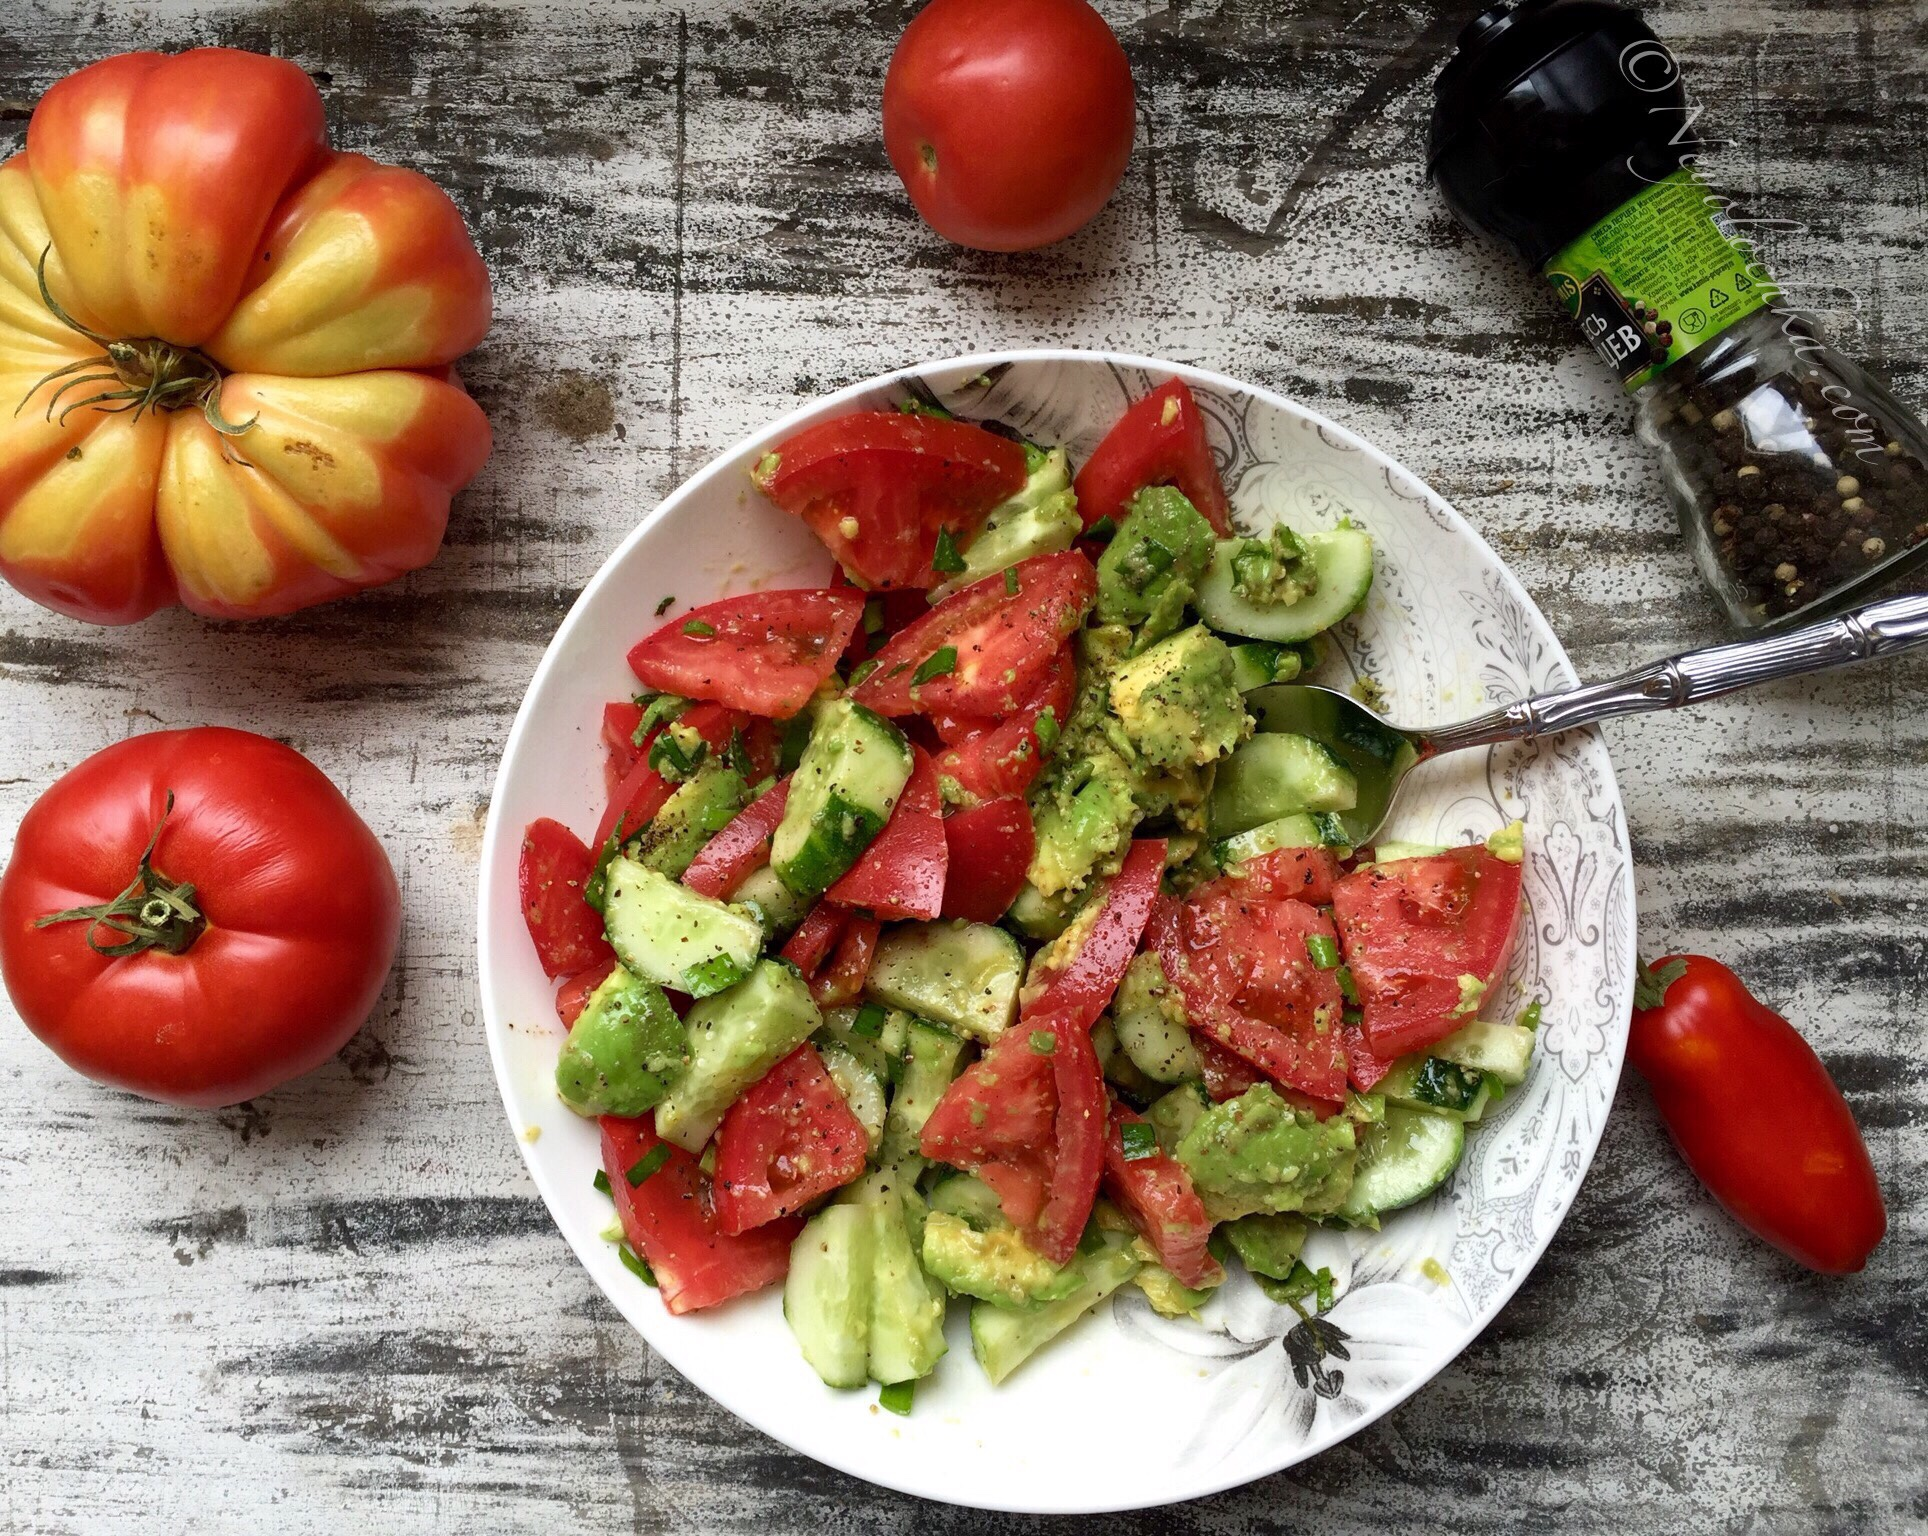 диетическое питание взрослых